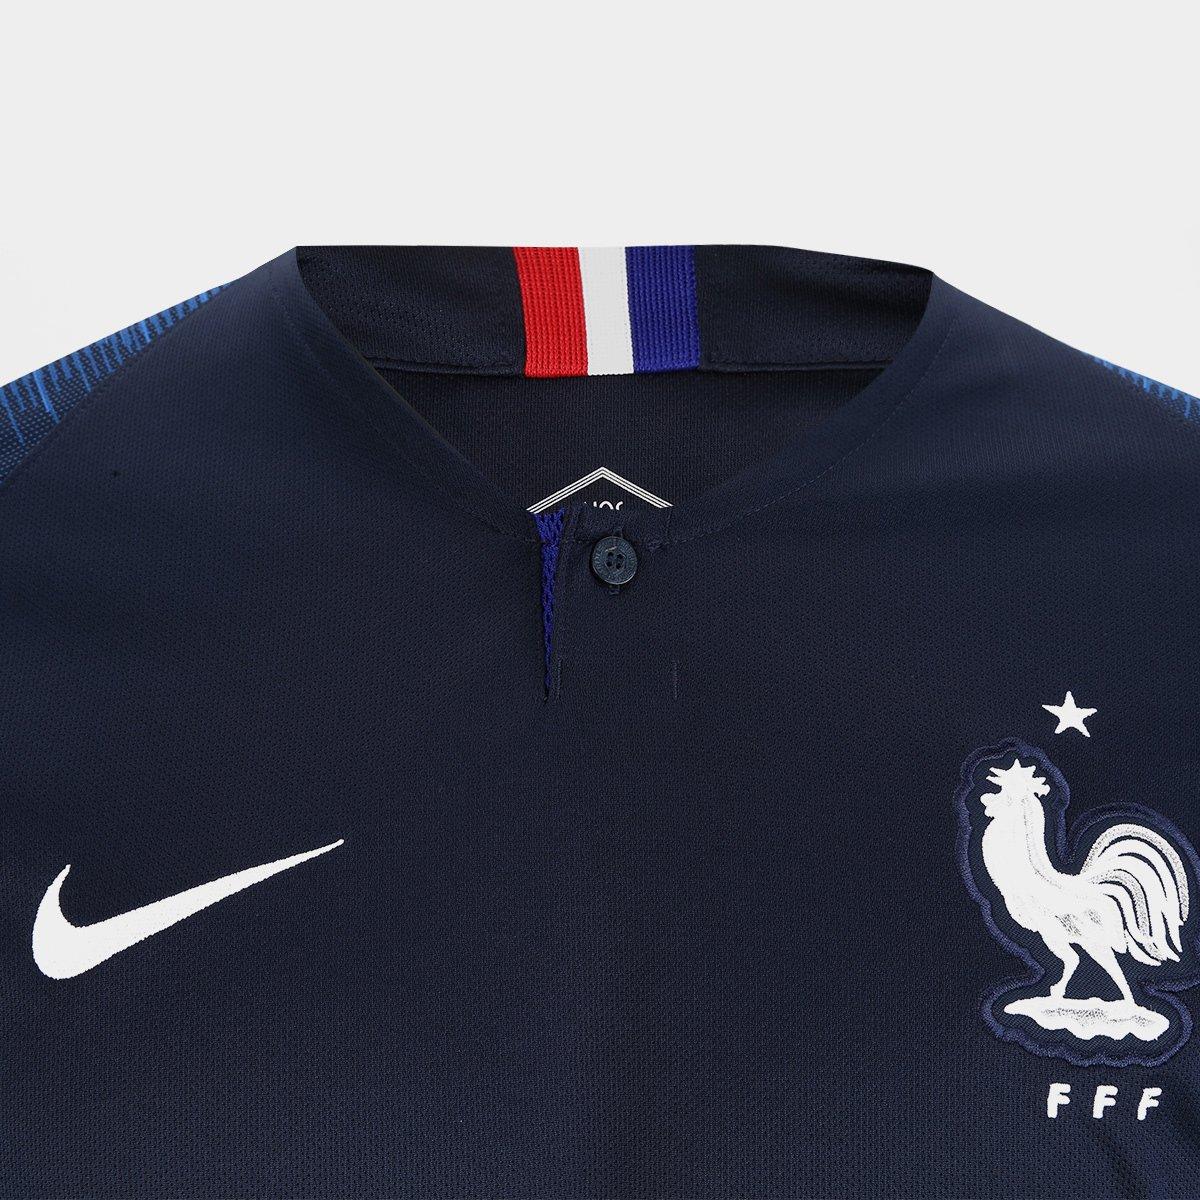 ... Camisa Seleção França Home 2018 n° 7 - Griezmann - Torcedor Nike  Masculina ... e11d2f74e0c8a